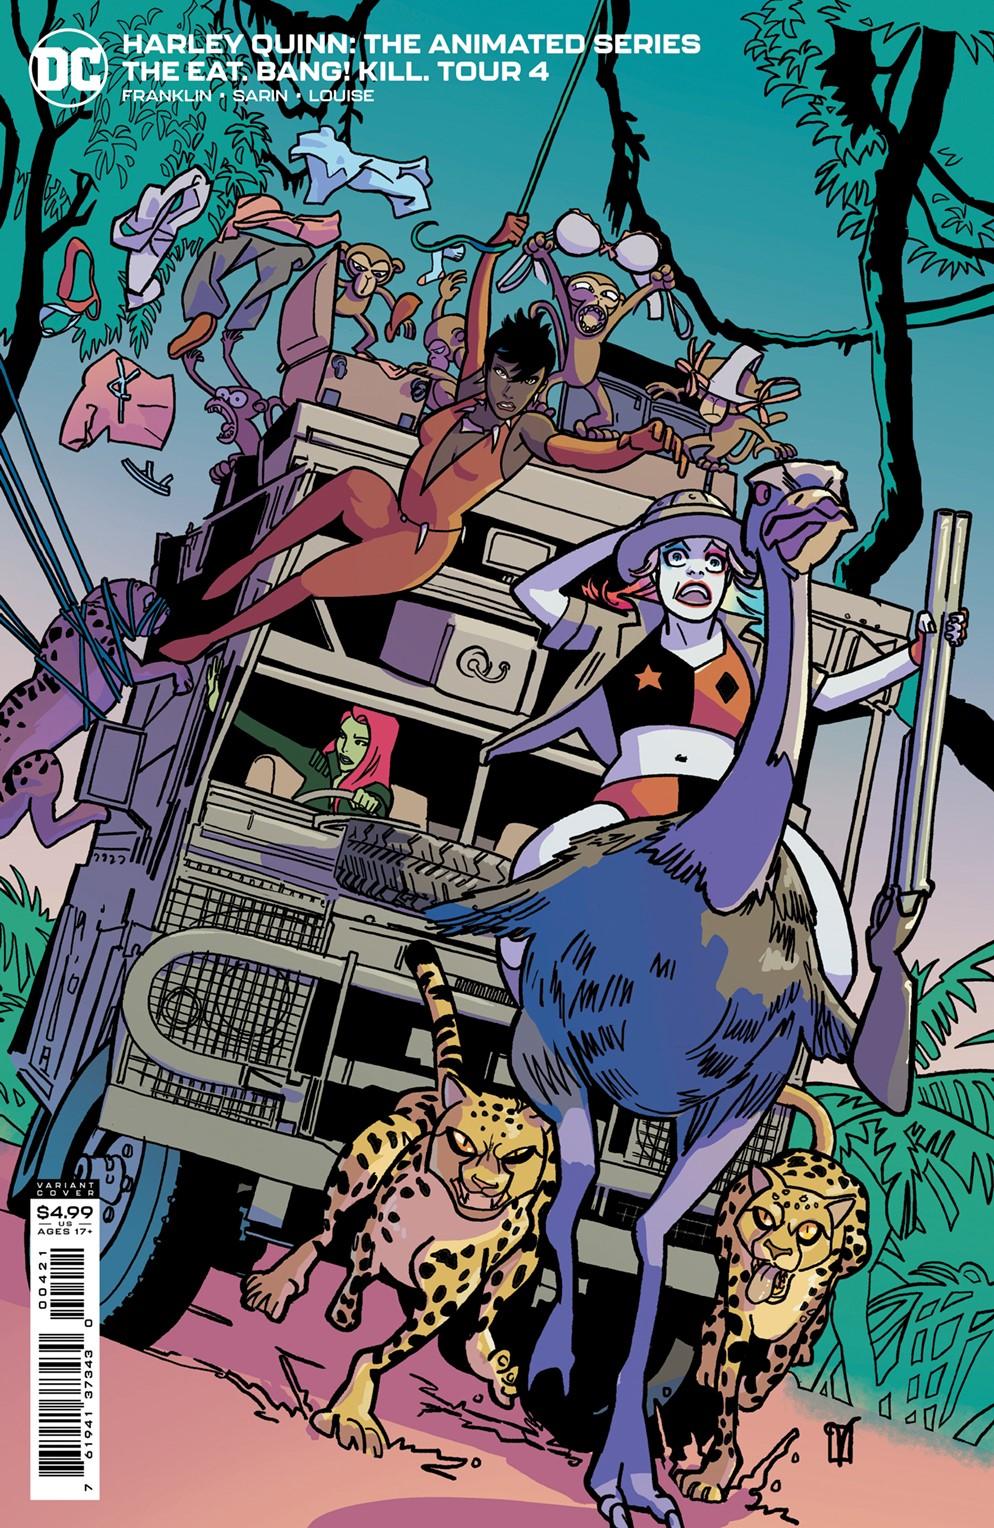 HQTAS_Cv4_var DC Comics December 2021 Solicitations